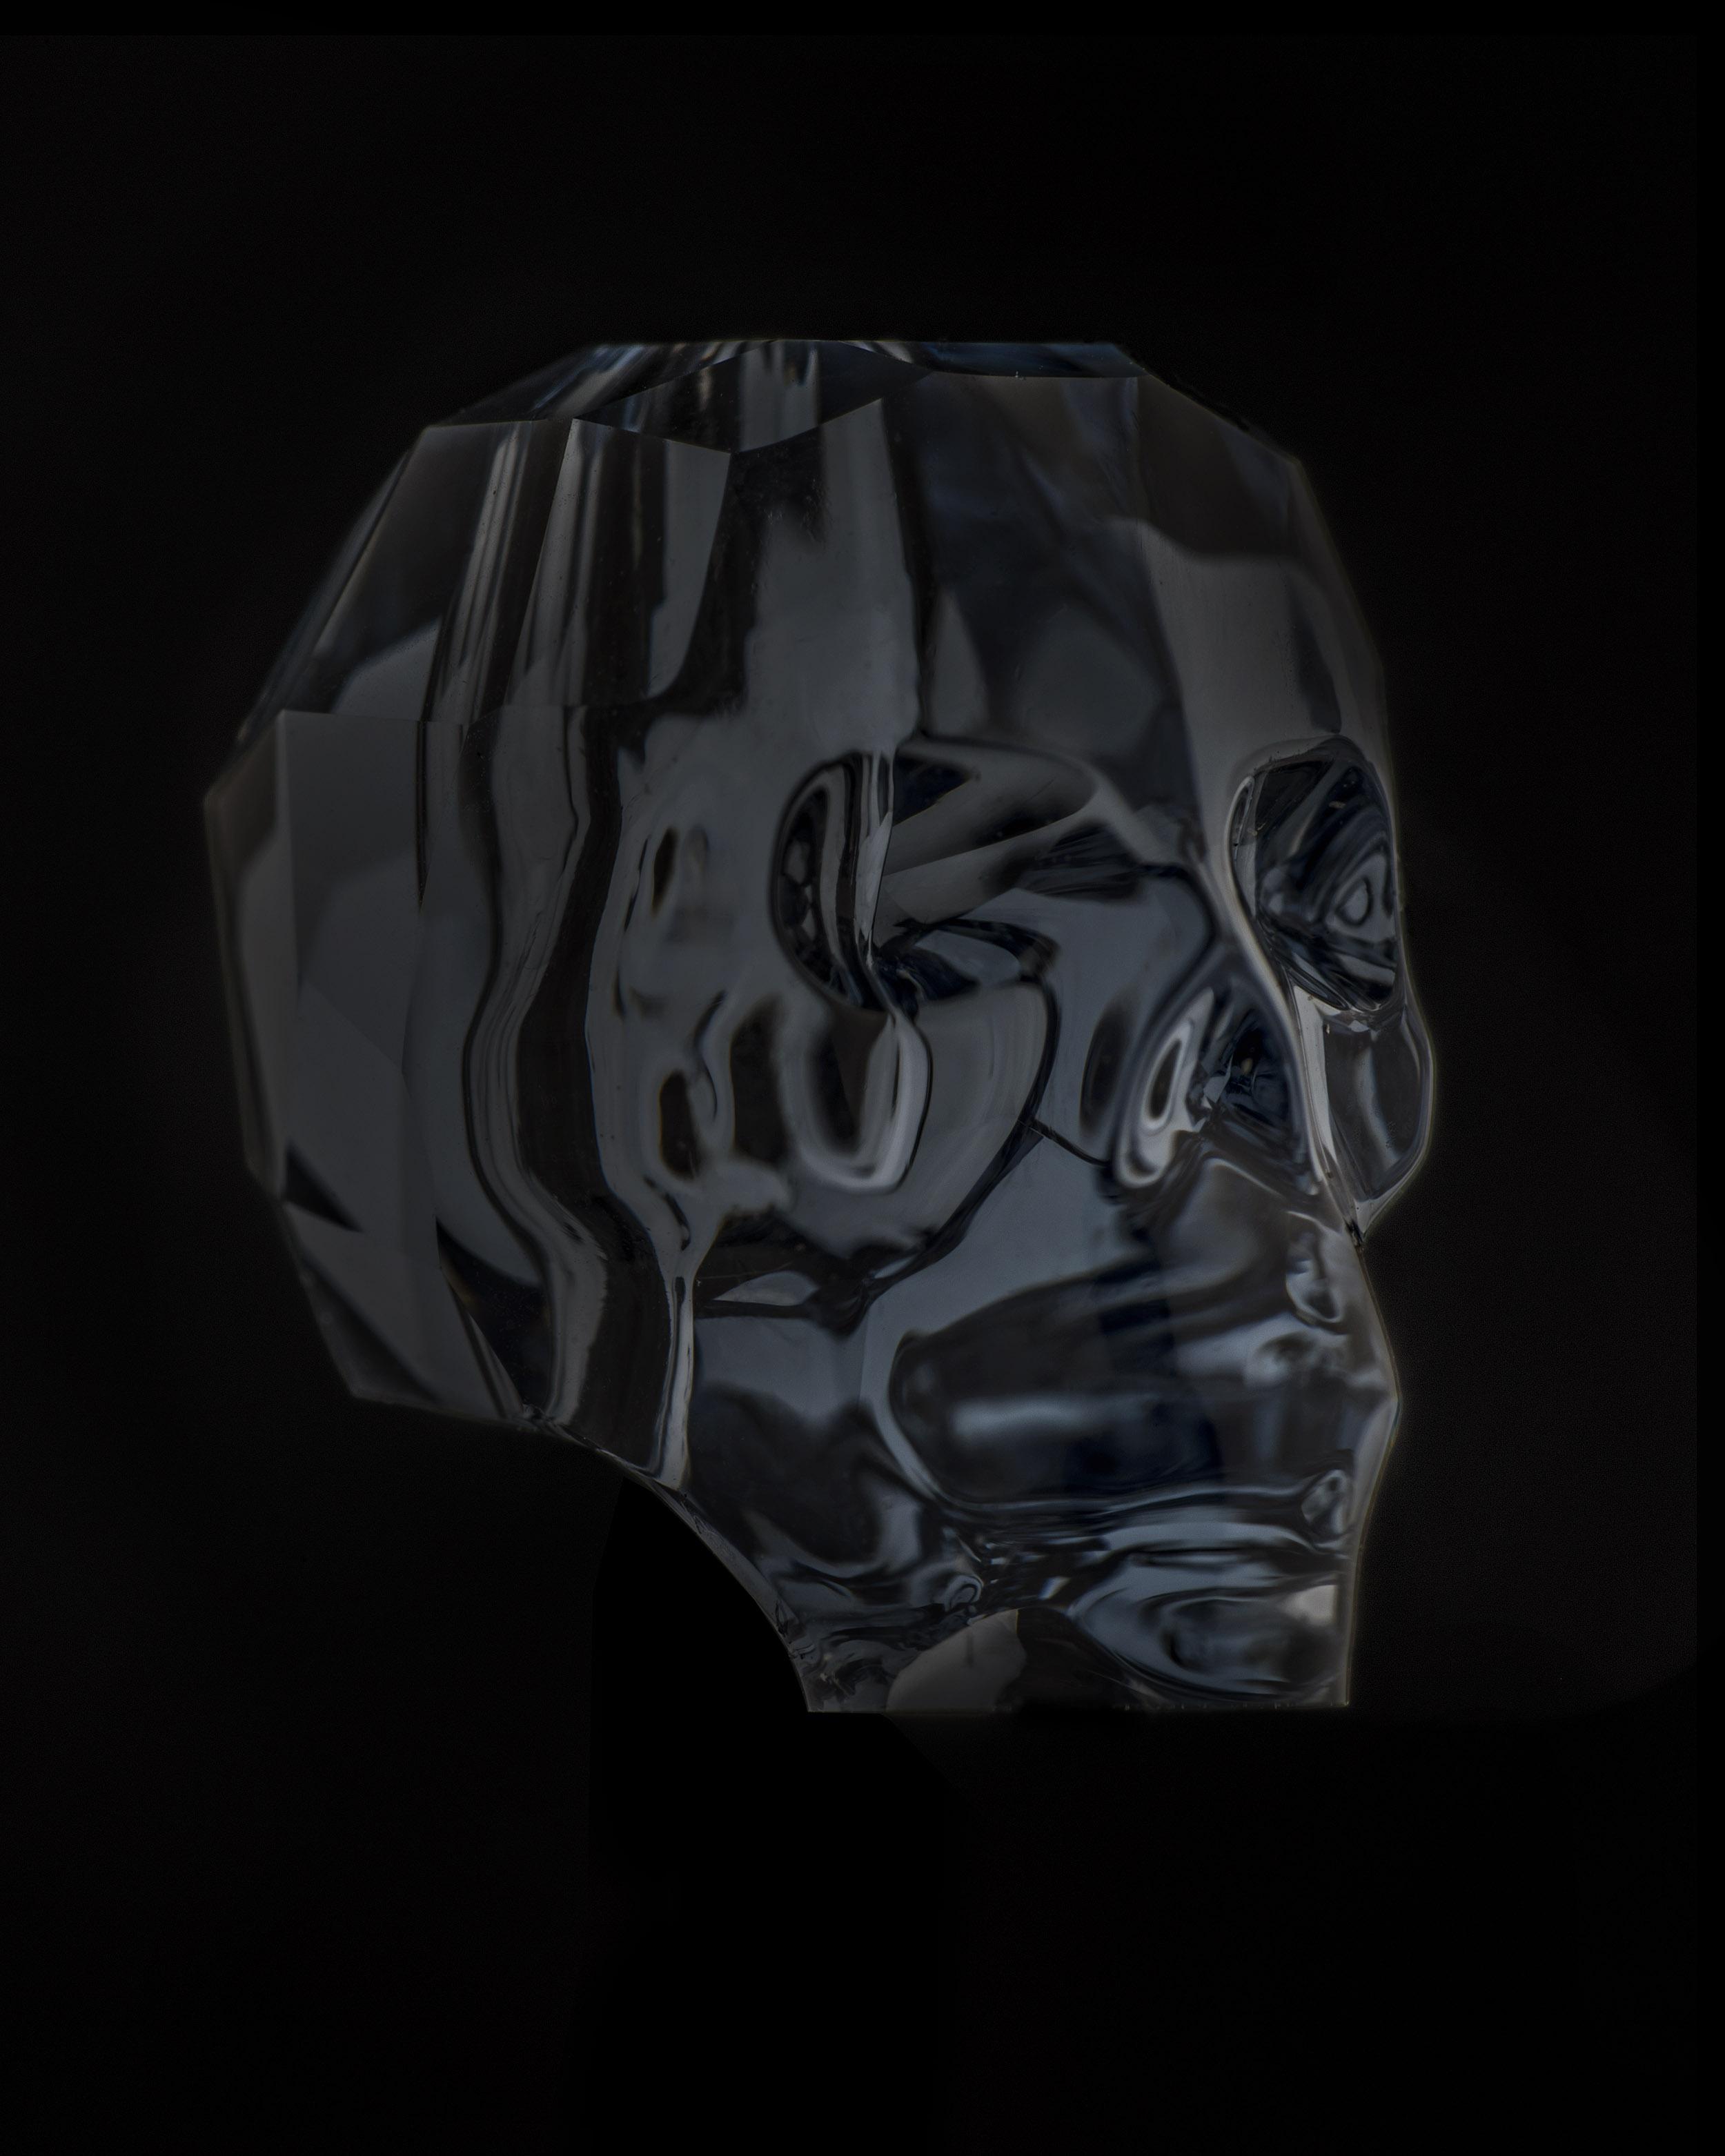 """Matthieu Gafsou, """"Skully"""", de la série """"Les Hommes-chose"""", tirage pigmentaire, 80 x 100 cm, 2015-en cours, éd.3/5+1AP"""